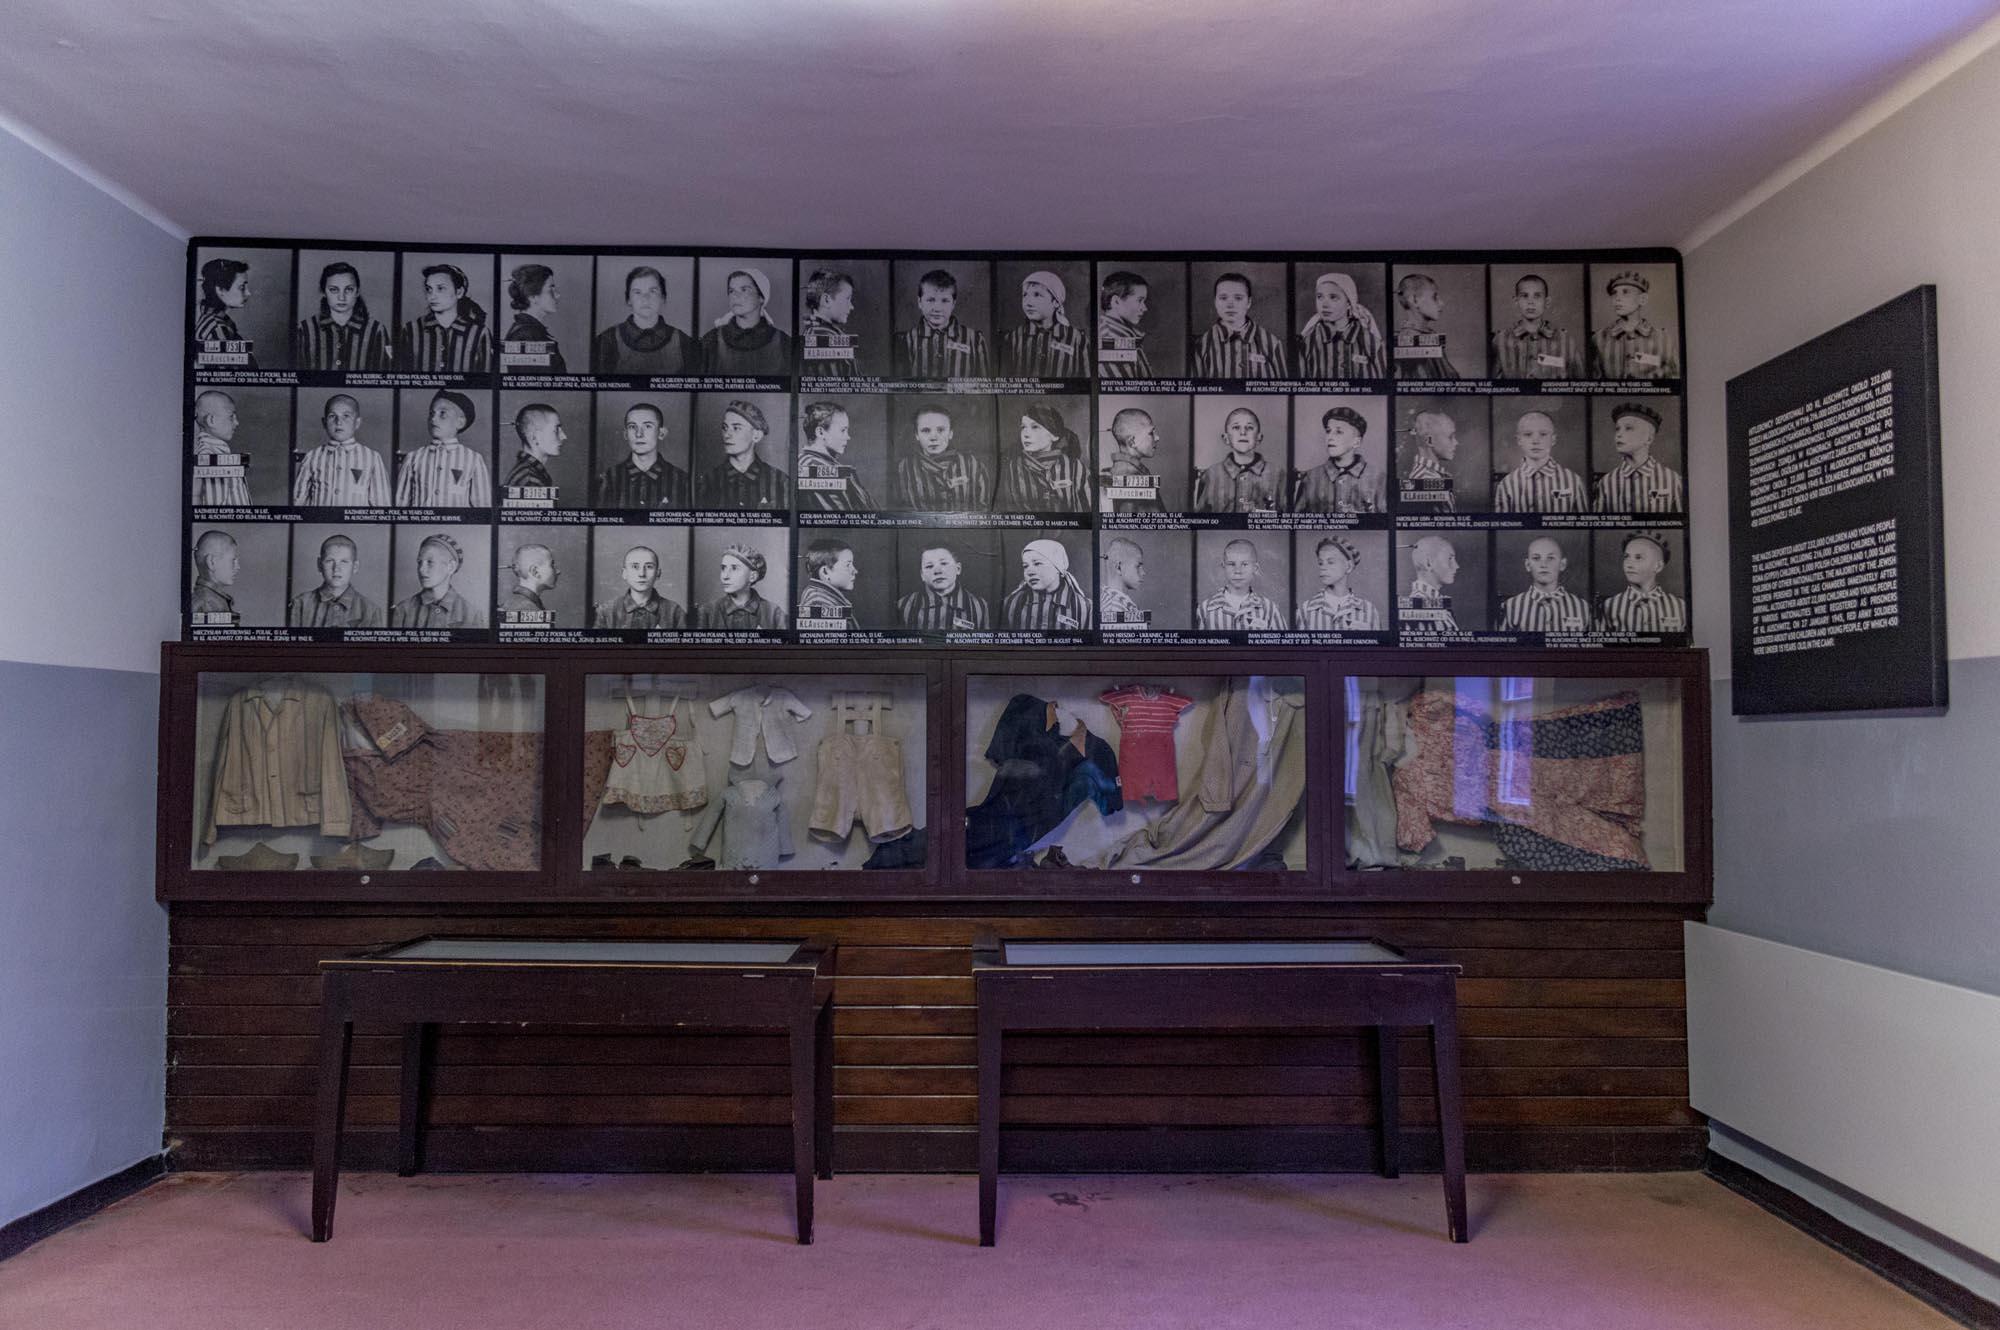 Visiting Auschwitz